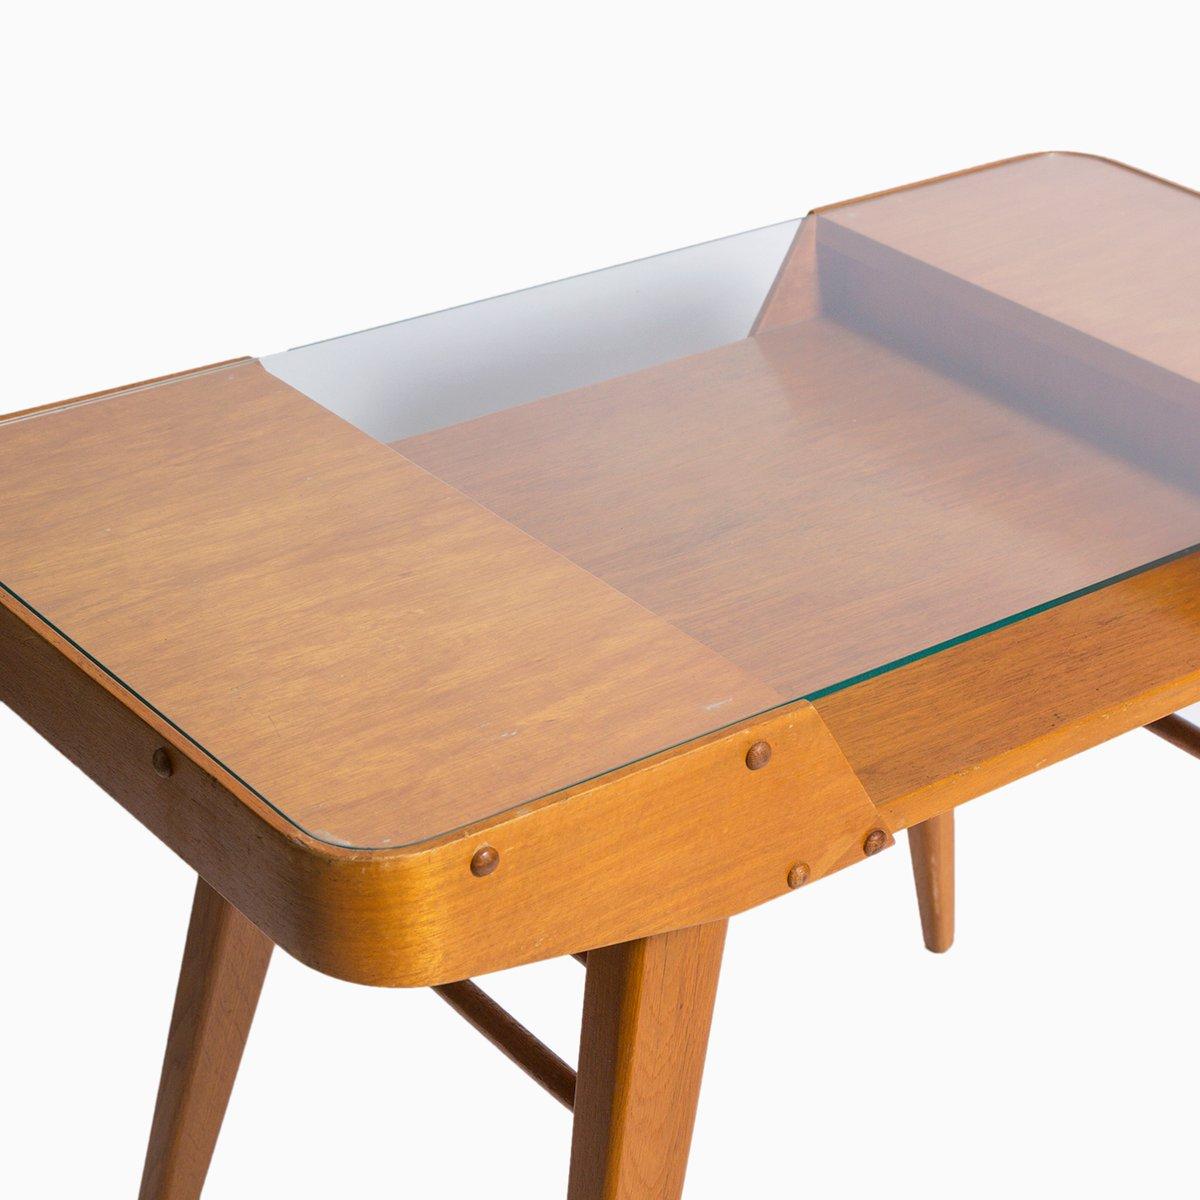 table d 39 appoint mid century avec plateau en verre en vente sur pamono. Black Bedroom Furniture Sets. Home Design Ideas